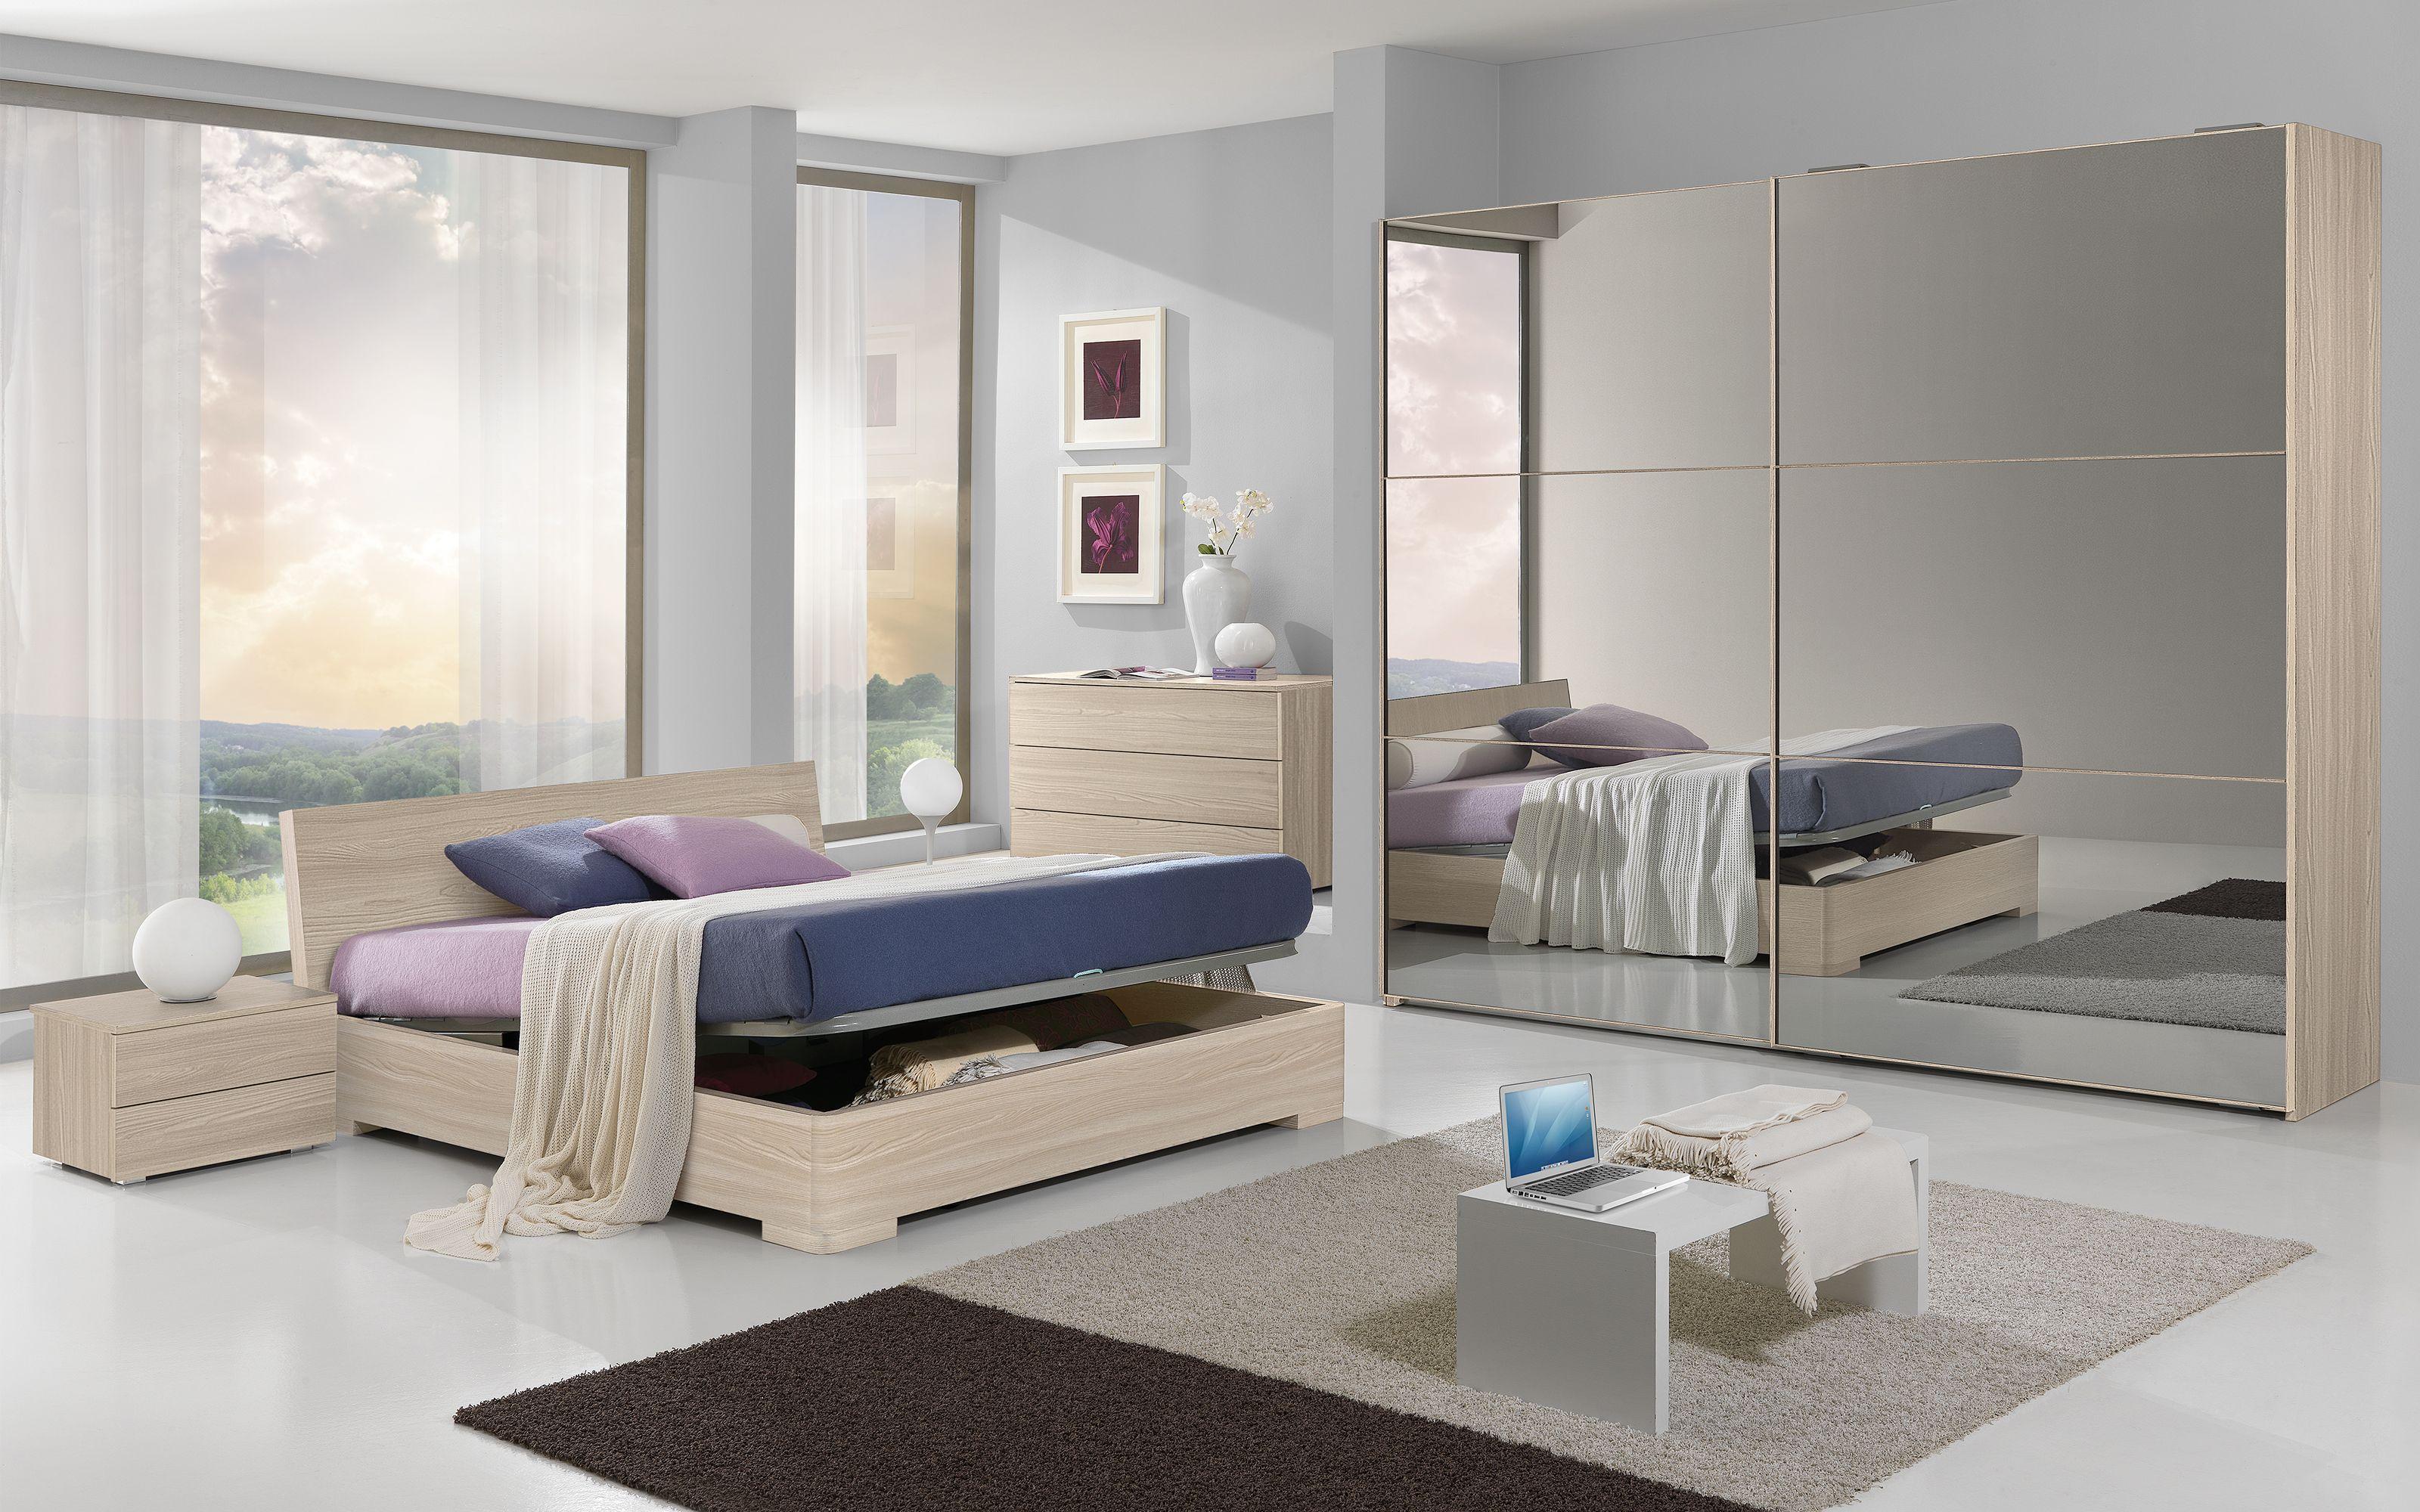 Arredare la camera da letto: 5 armadi di Mondo Convenienza ...